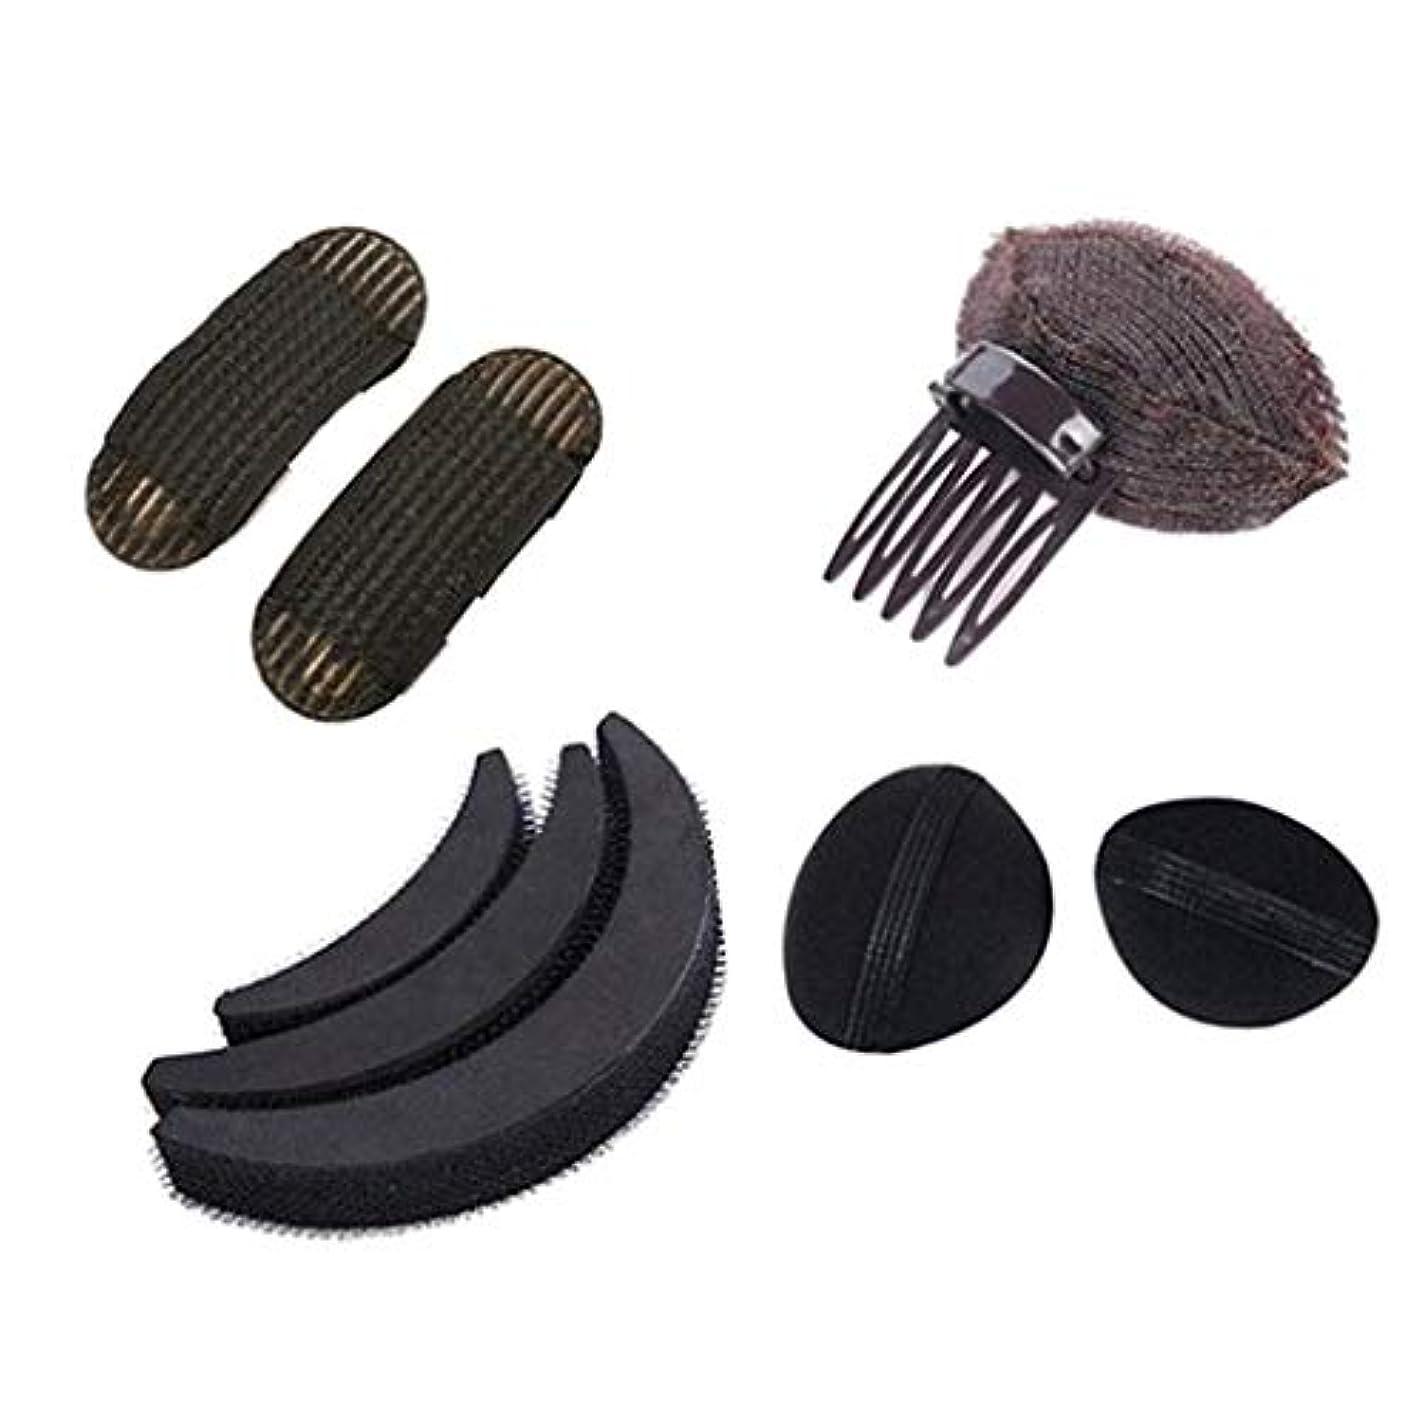 マーク扇動する認める女の子 ヘアスタイルツールキット ヘアスタイリング 髪型作成ツール ヘアステッカー 4種類 - B